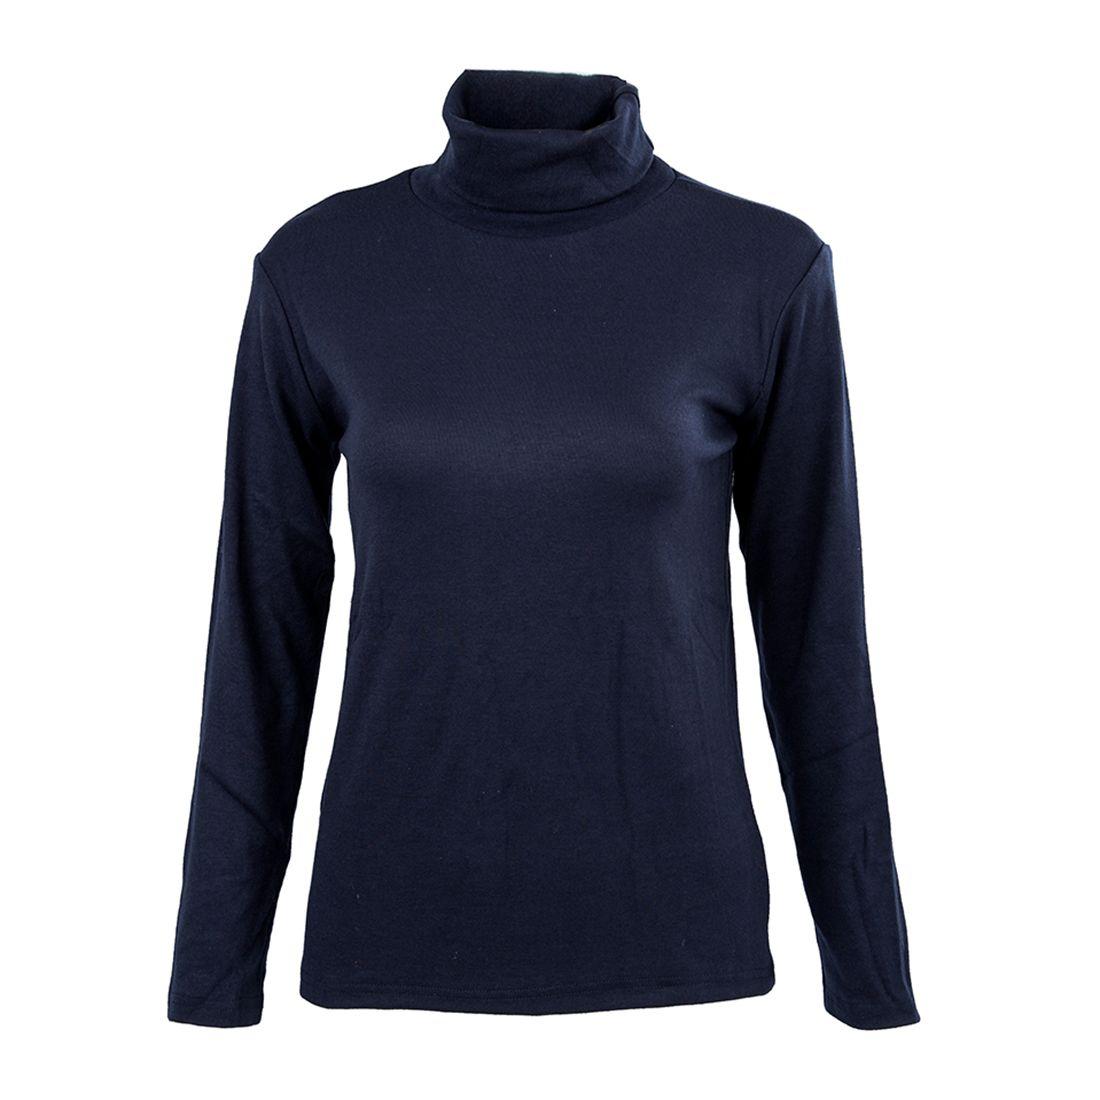 Saf-Свитер с воротником рубашка, пуловер 7 цветов